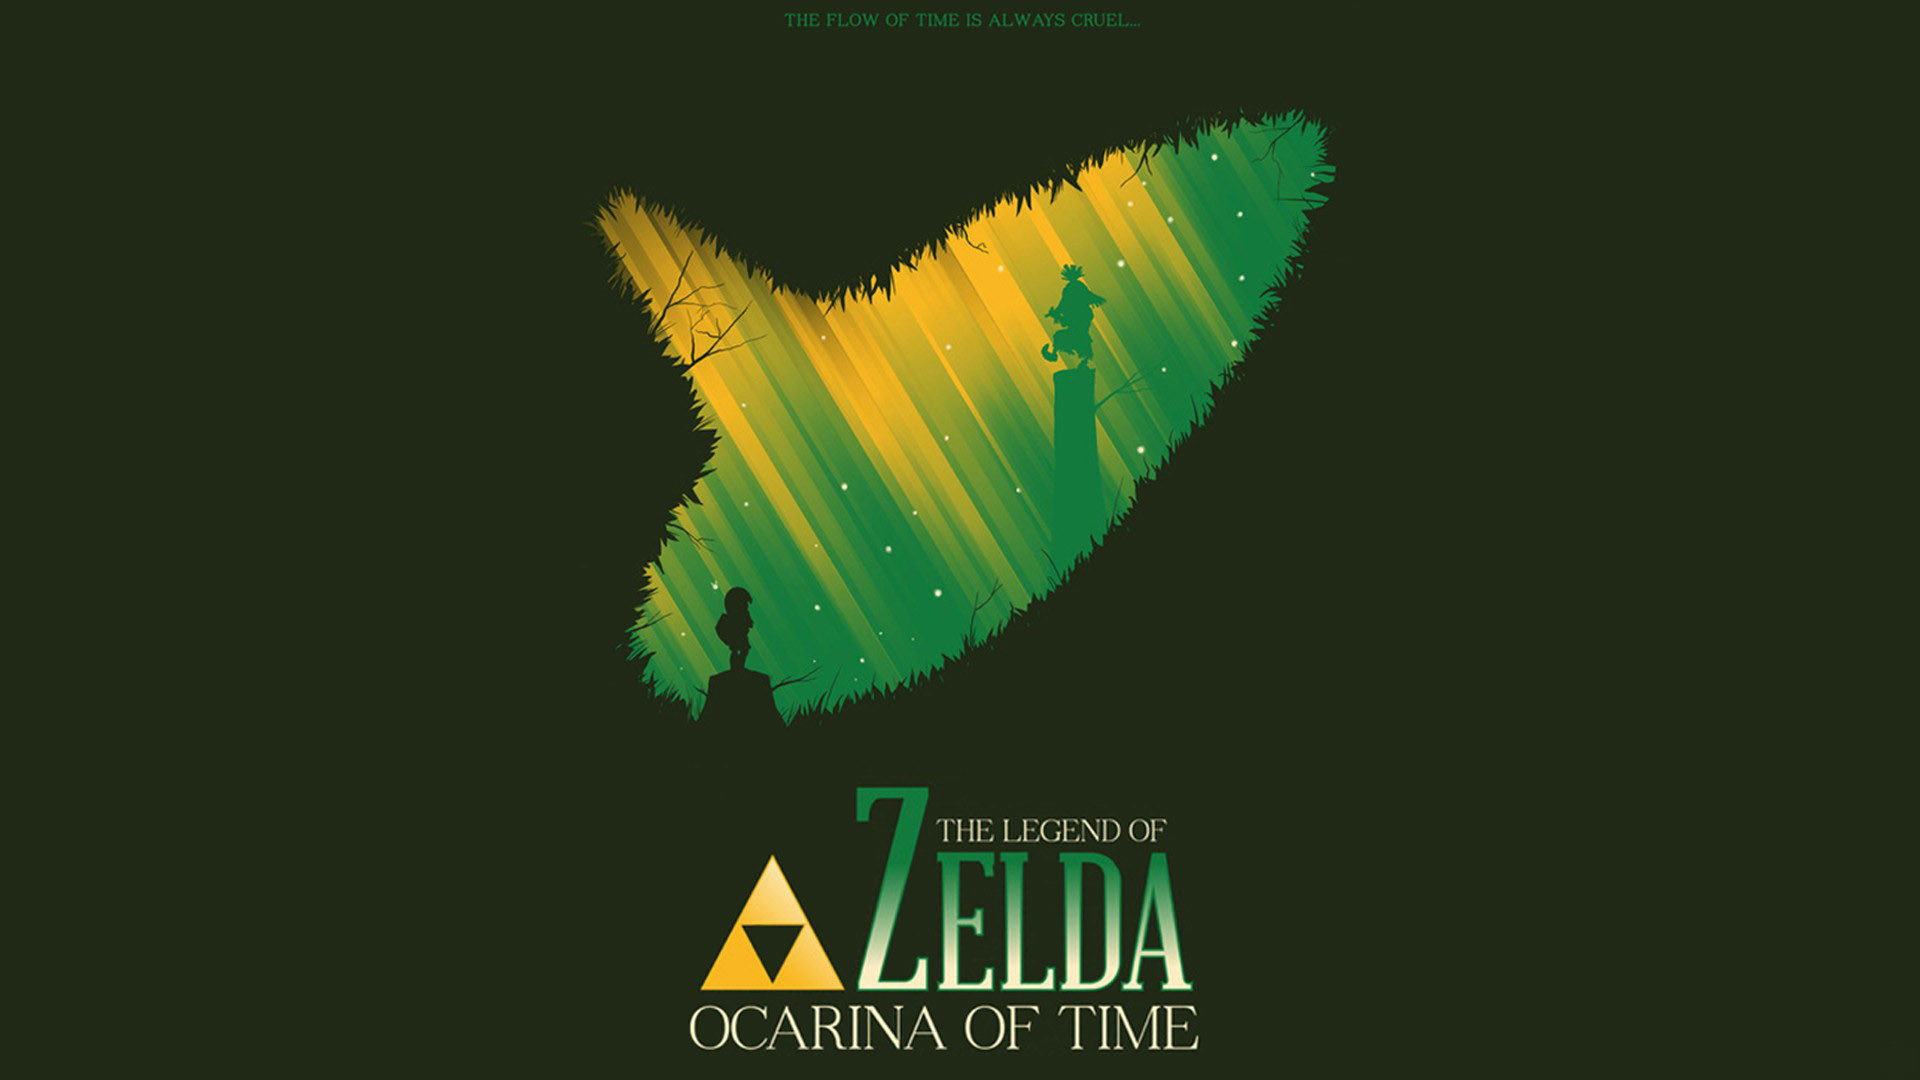 Triforce The Legend of Zelda HD desktop wallpaper : High | Free Wallpapers  | Pinterest | Wallpaper